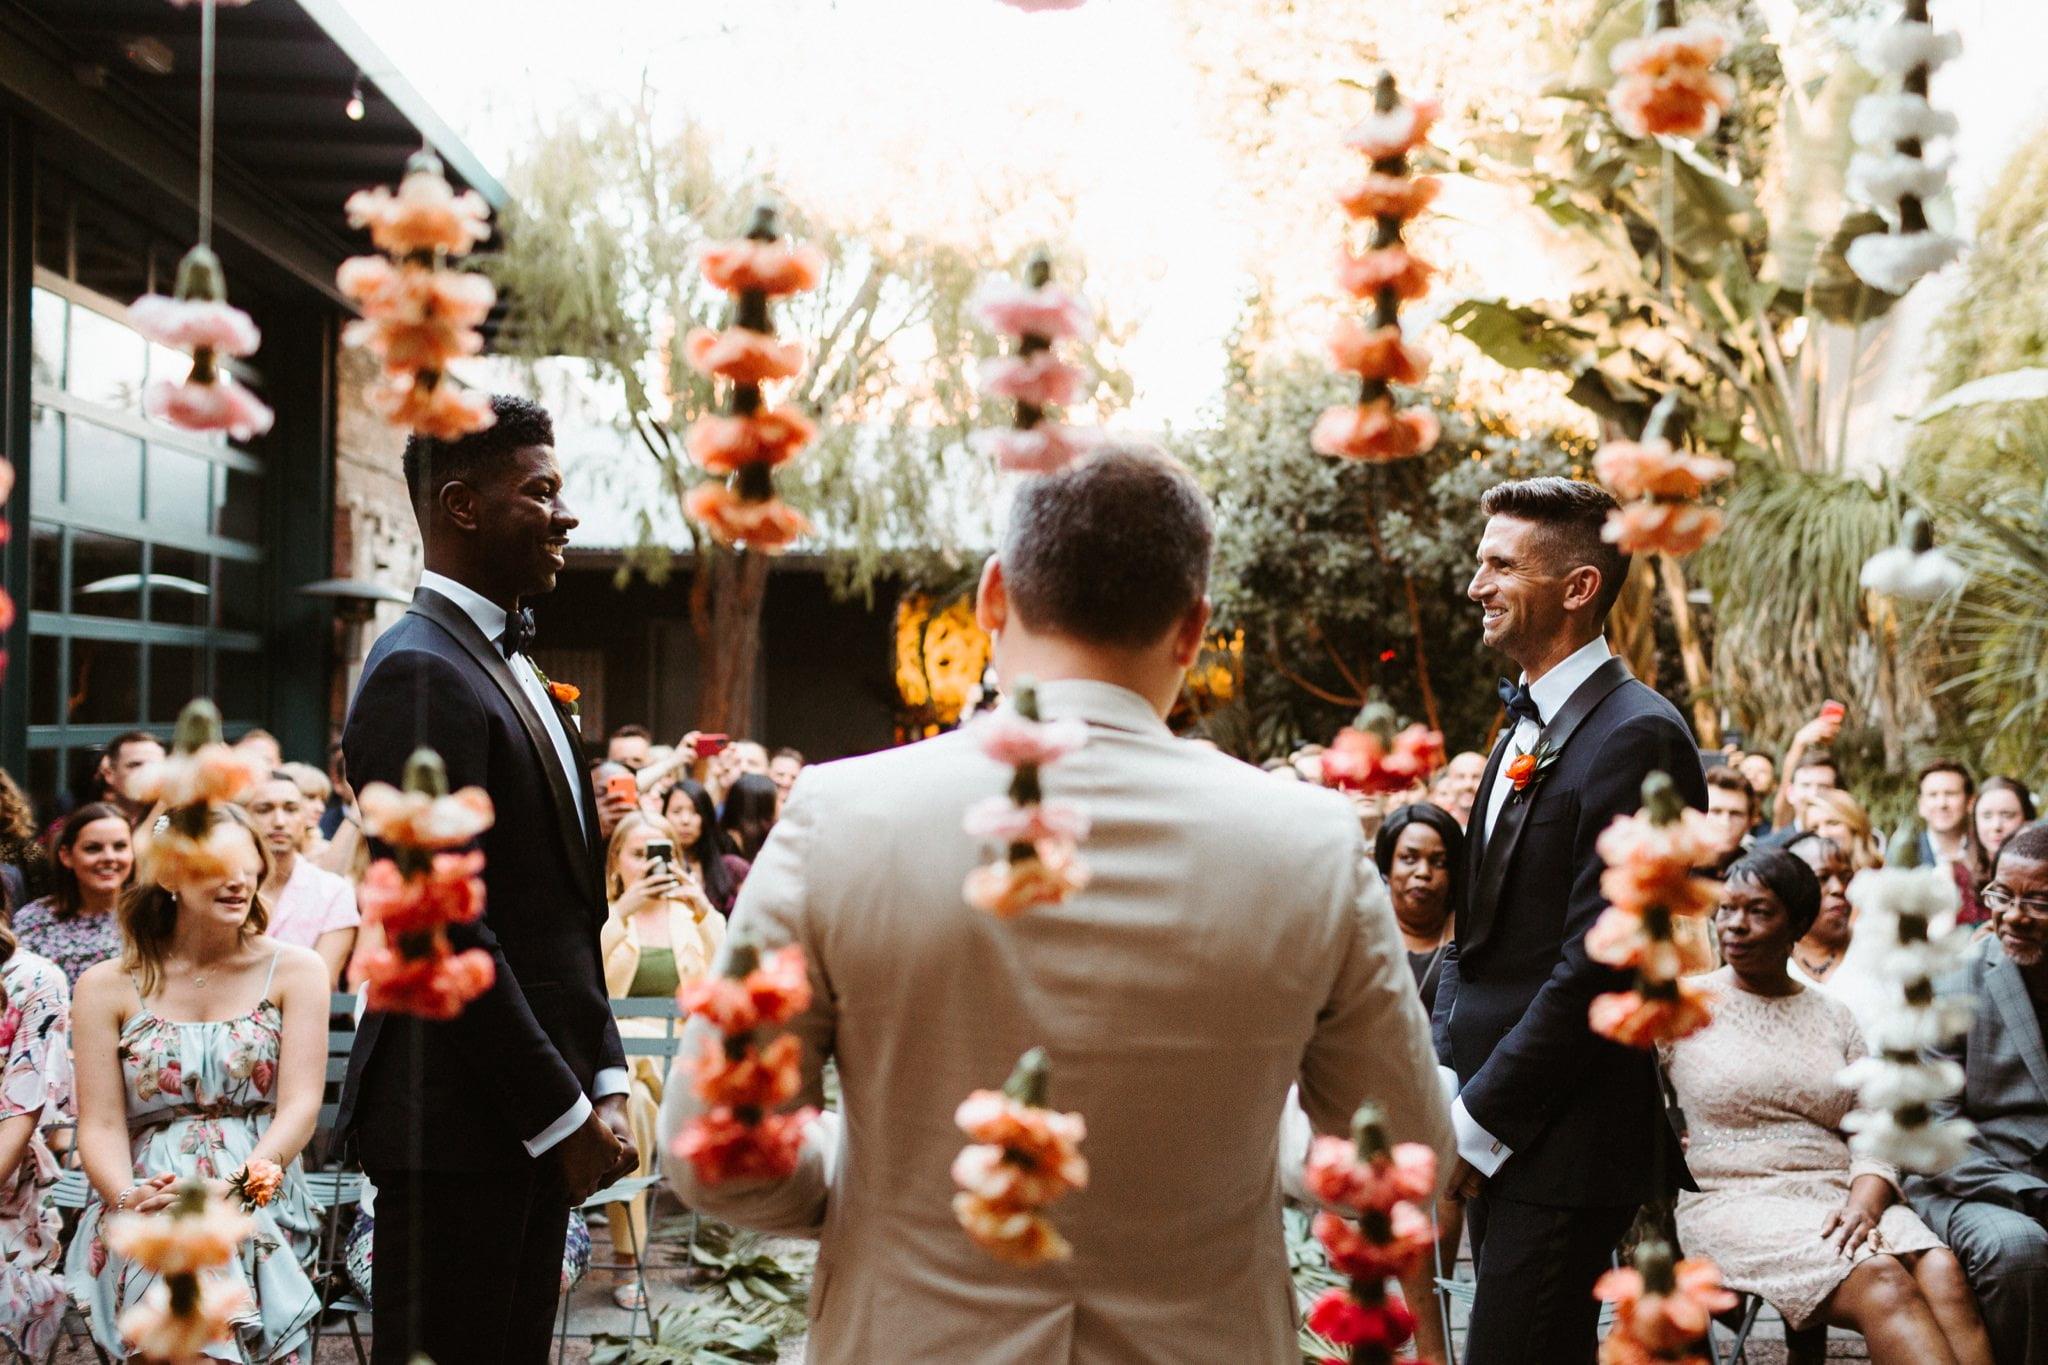 dtla wedding photographer